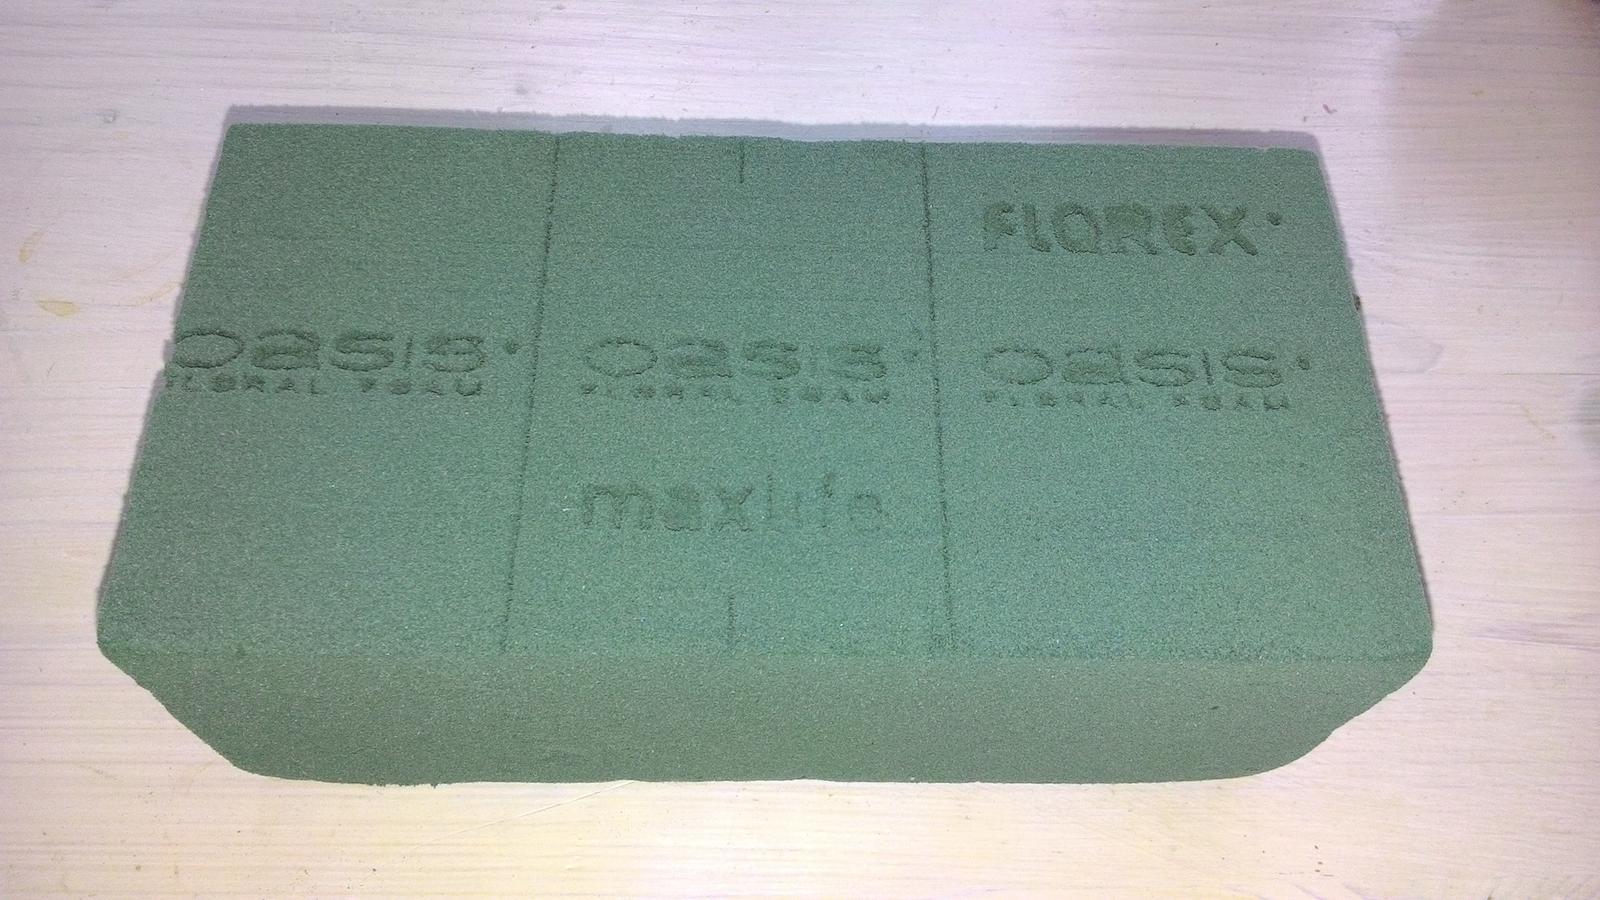 Aranžovací hmota Florex na květiny (pěna) - Obrázek č. 3